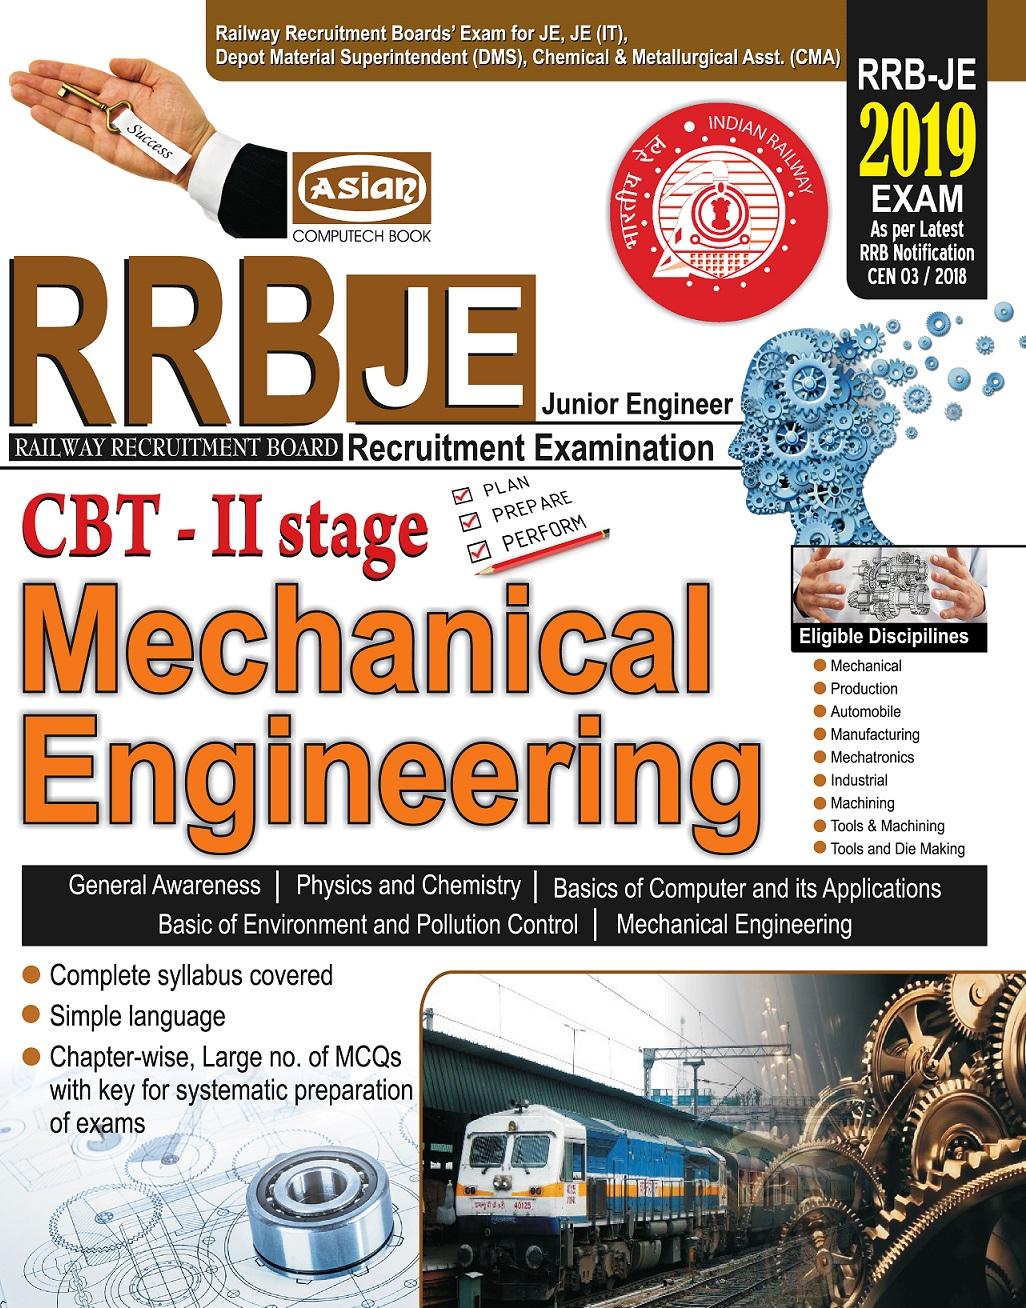 RRB-JE (JUNIOR ENGINEER EXAM) CBT-2 MECH ENGG